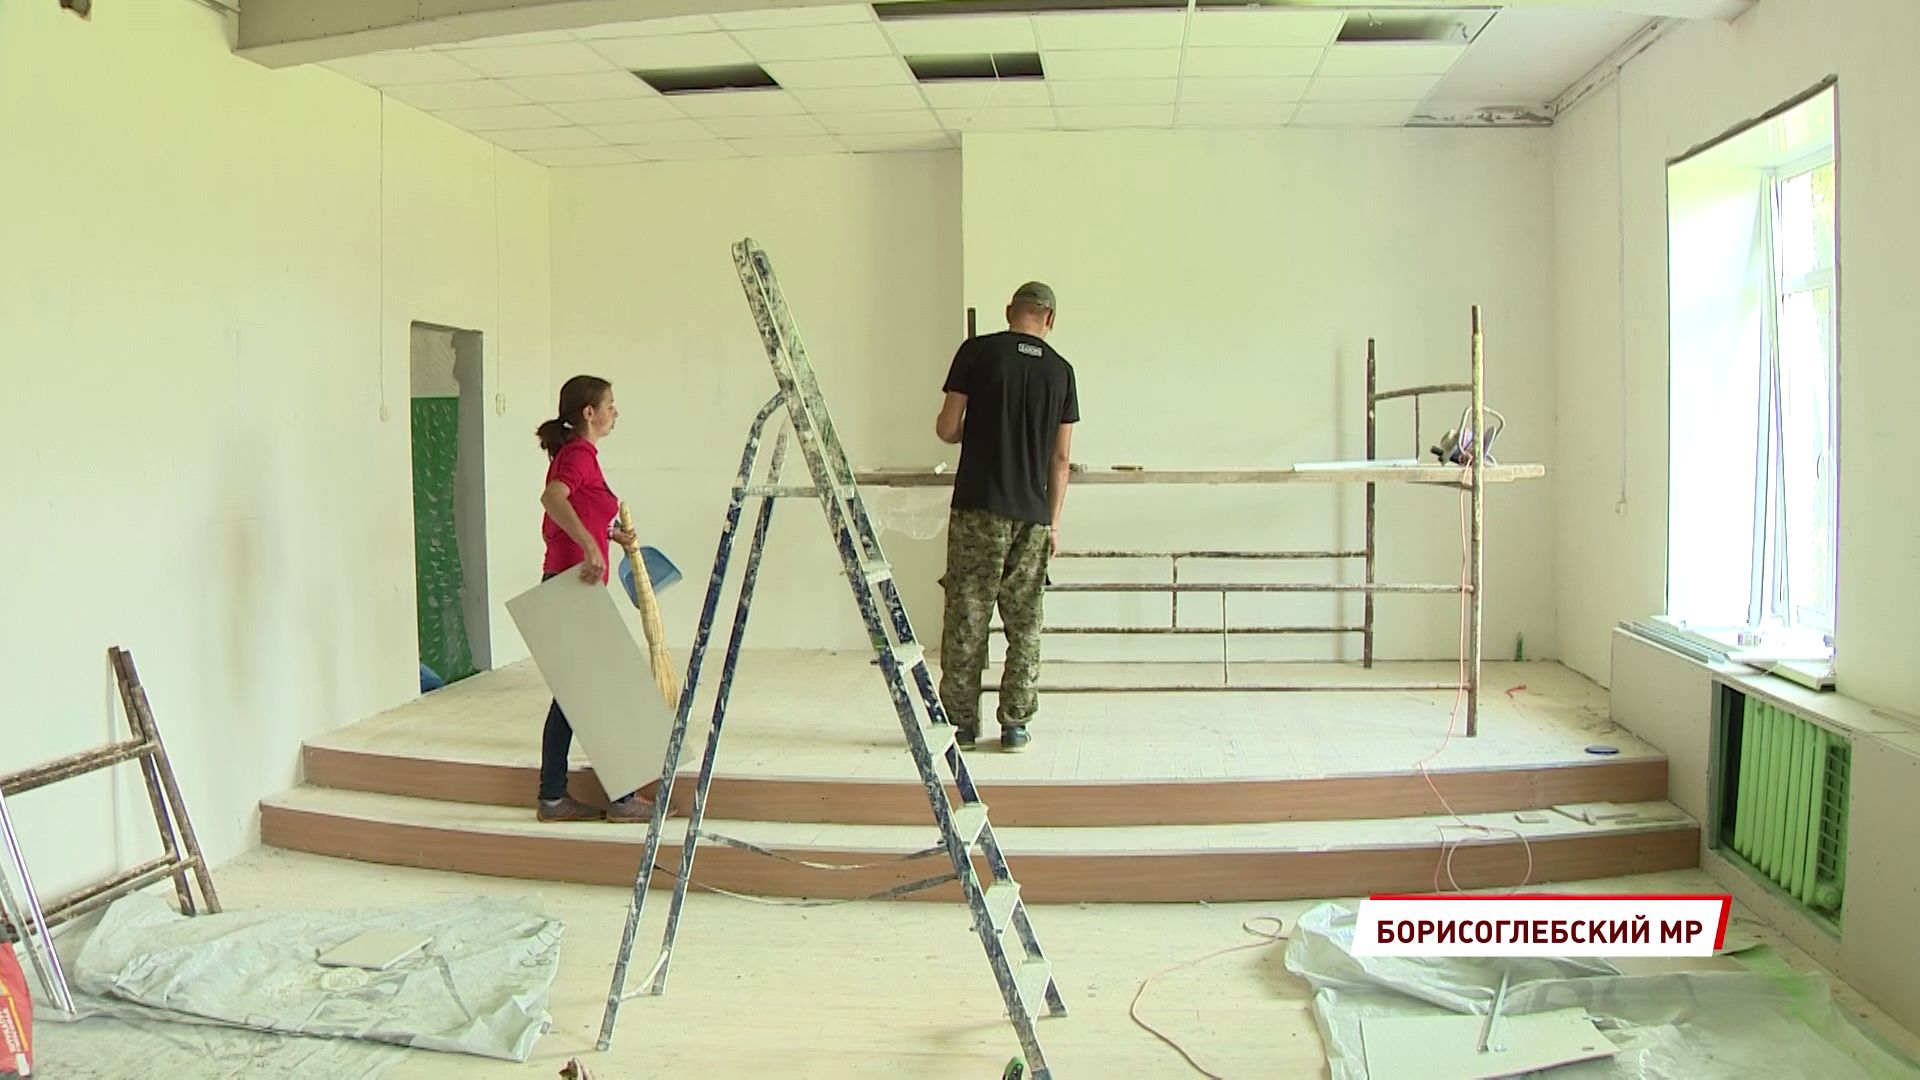 Борисоглебский преобразится благодаря проекту «Решаем вместе»